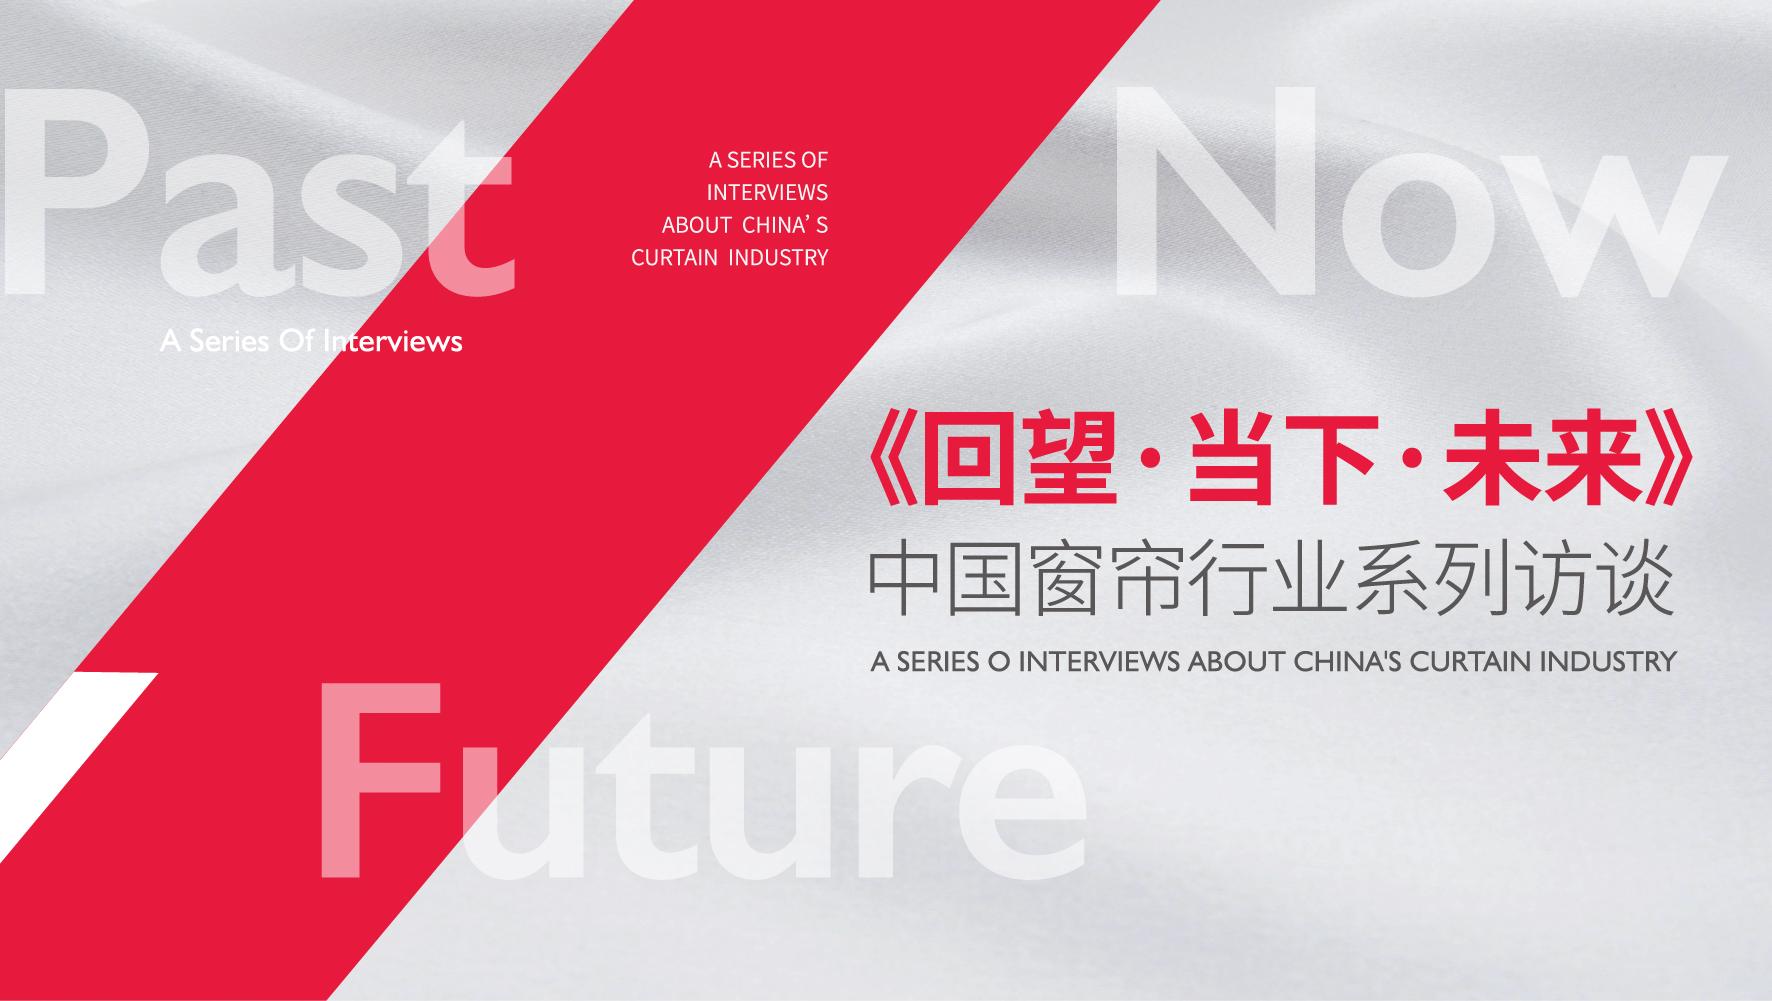 《回望·当下·未来》中国窗帘行业系列访谈精彩回顾